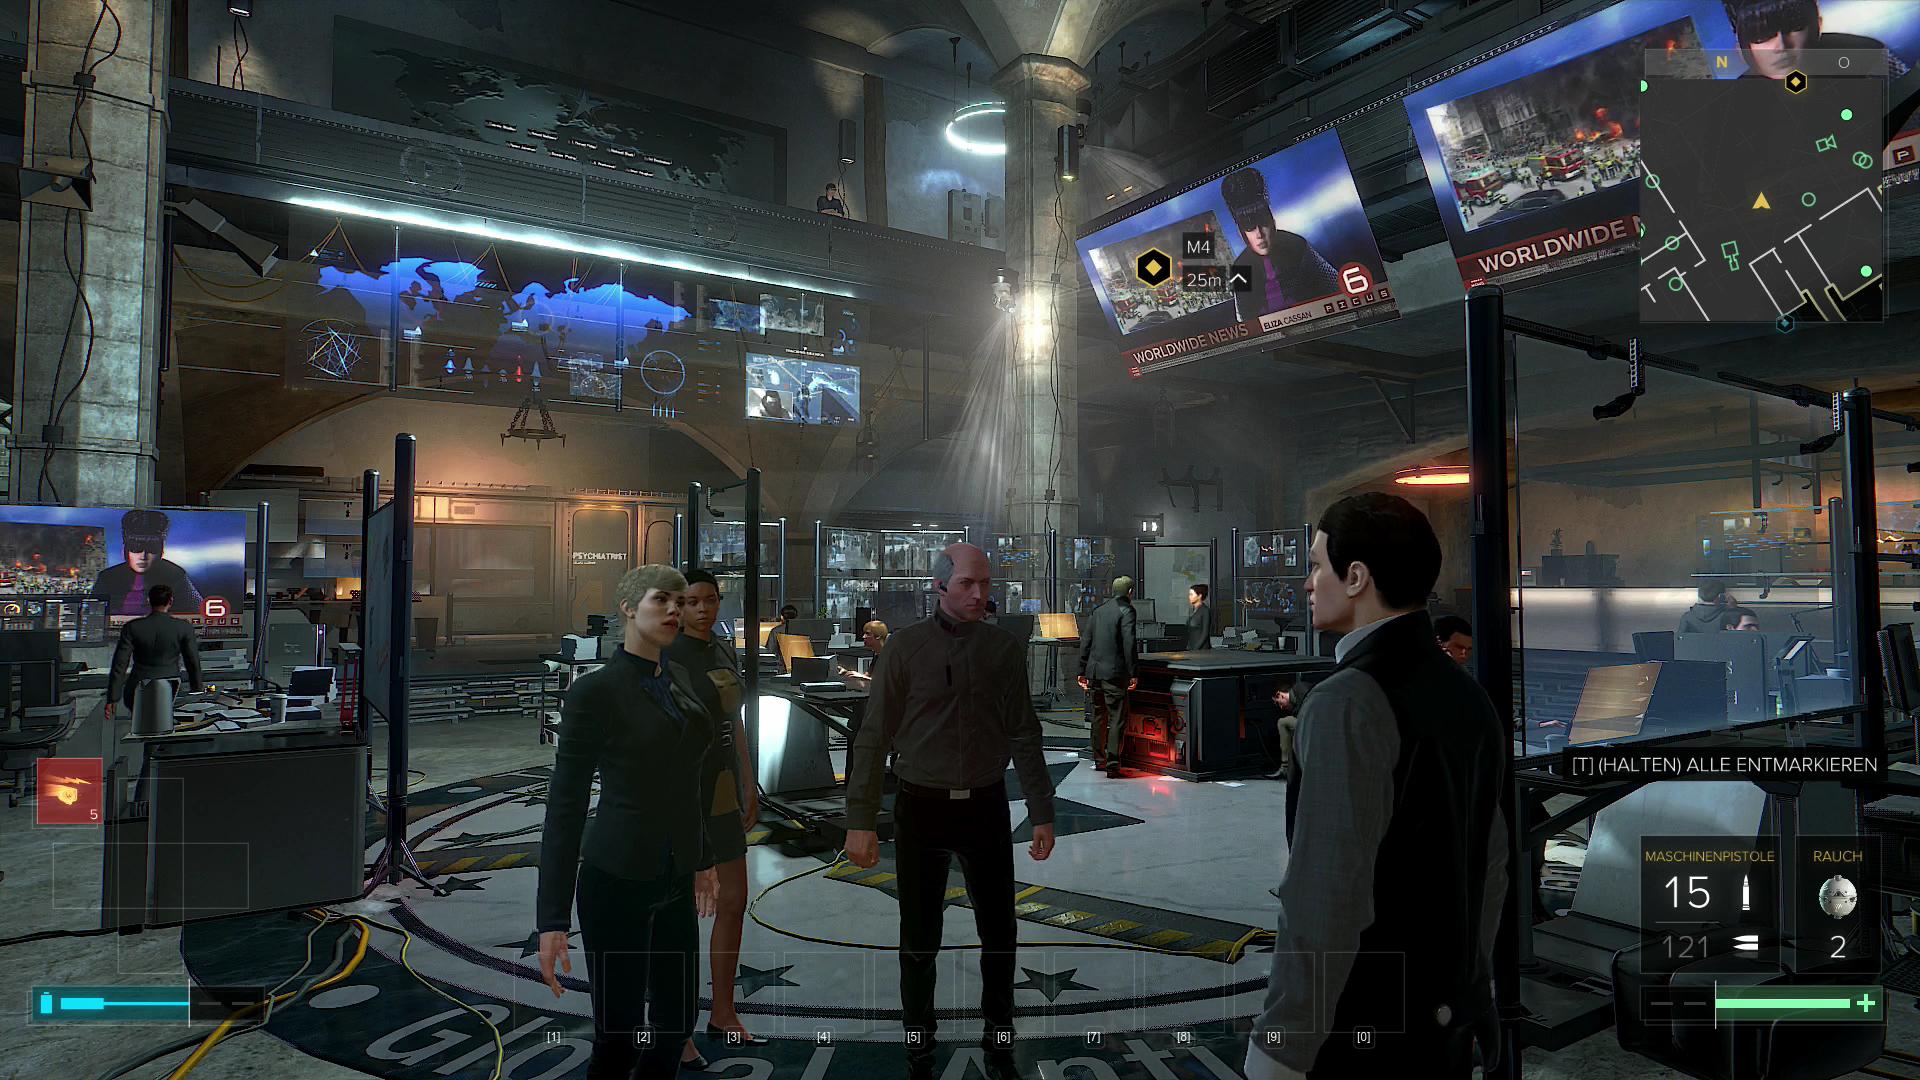 Deus Ex Mankind Divided im Test: Der Agent aus dem Hardwarelabor - Das Hauptquartier von Jensens Interpol-Abteilung (Screenshot: Golem.de)